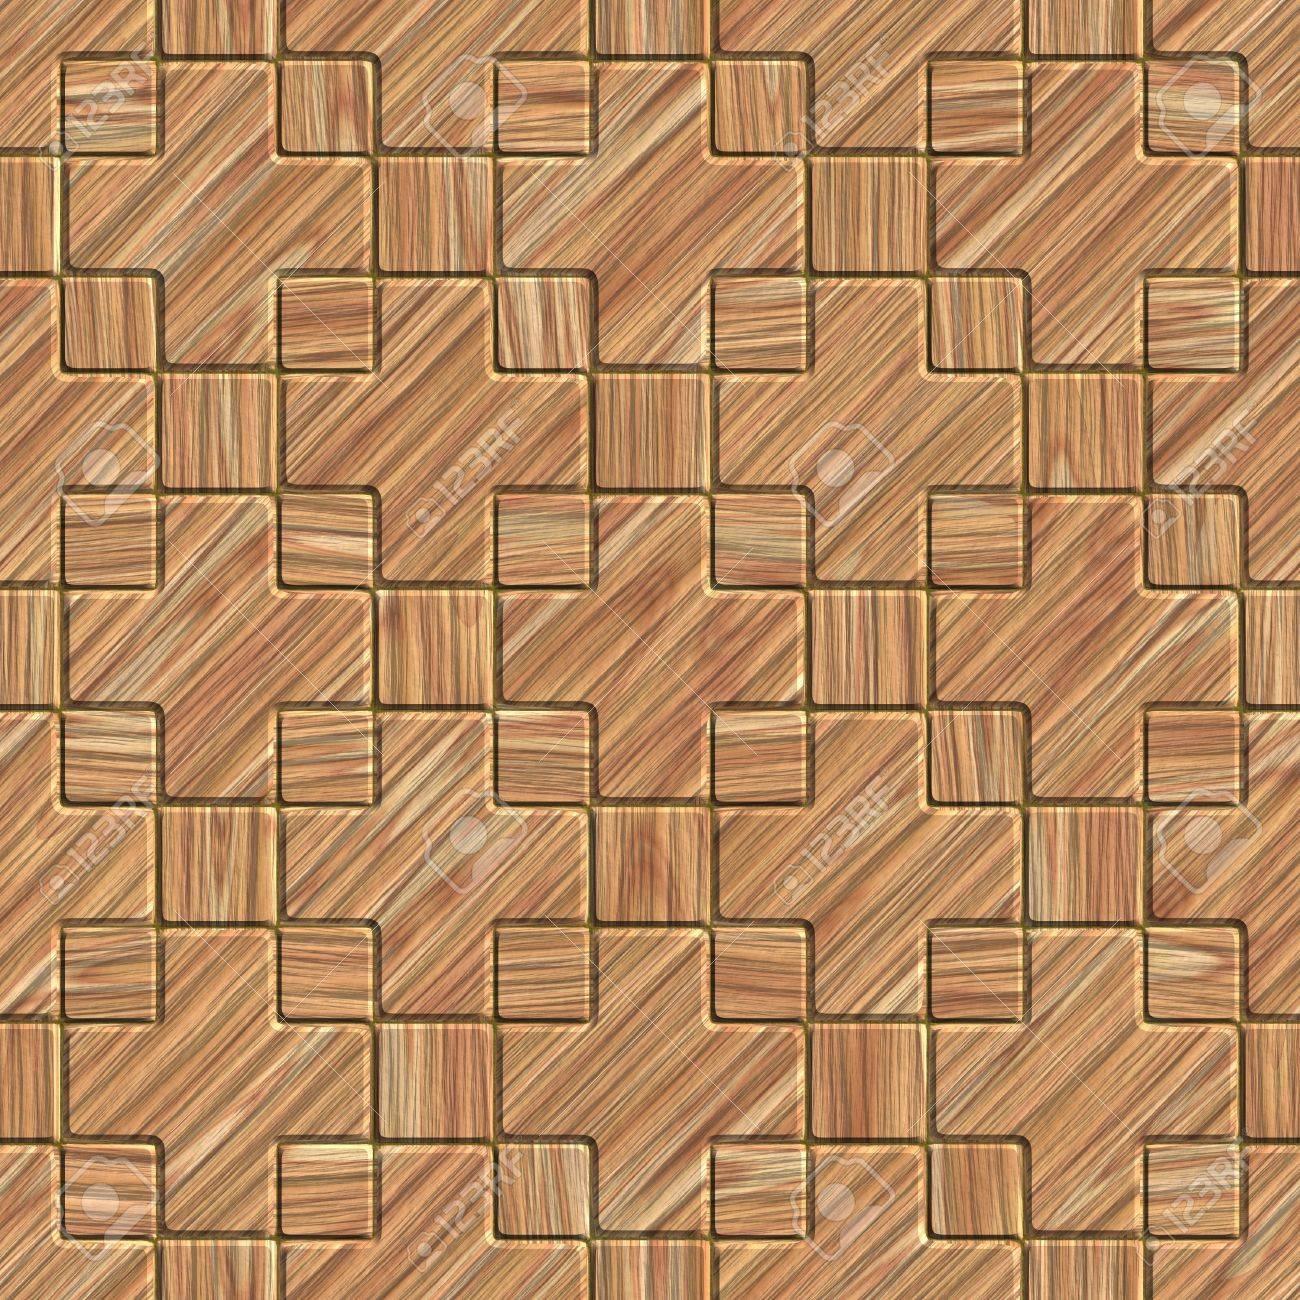 baldosa de madera textura foto de archivo